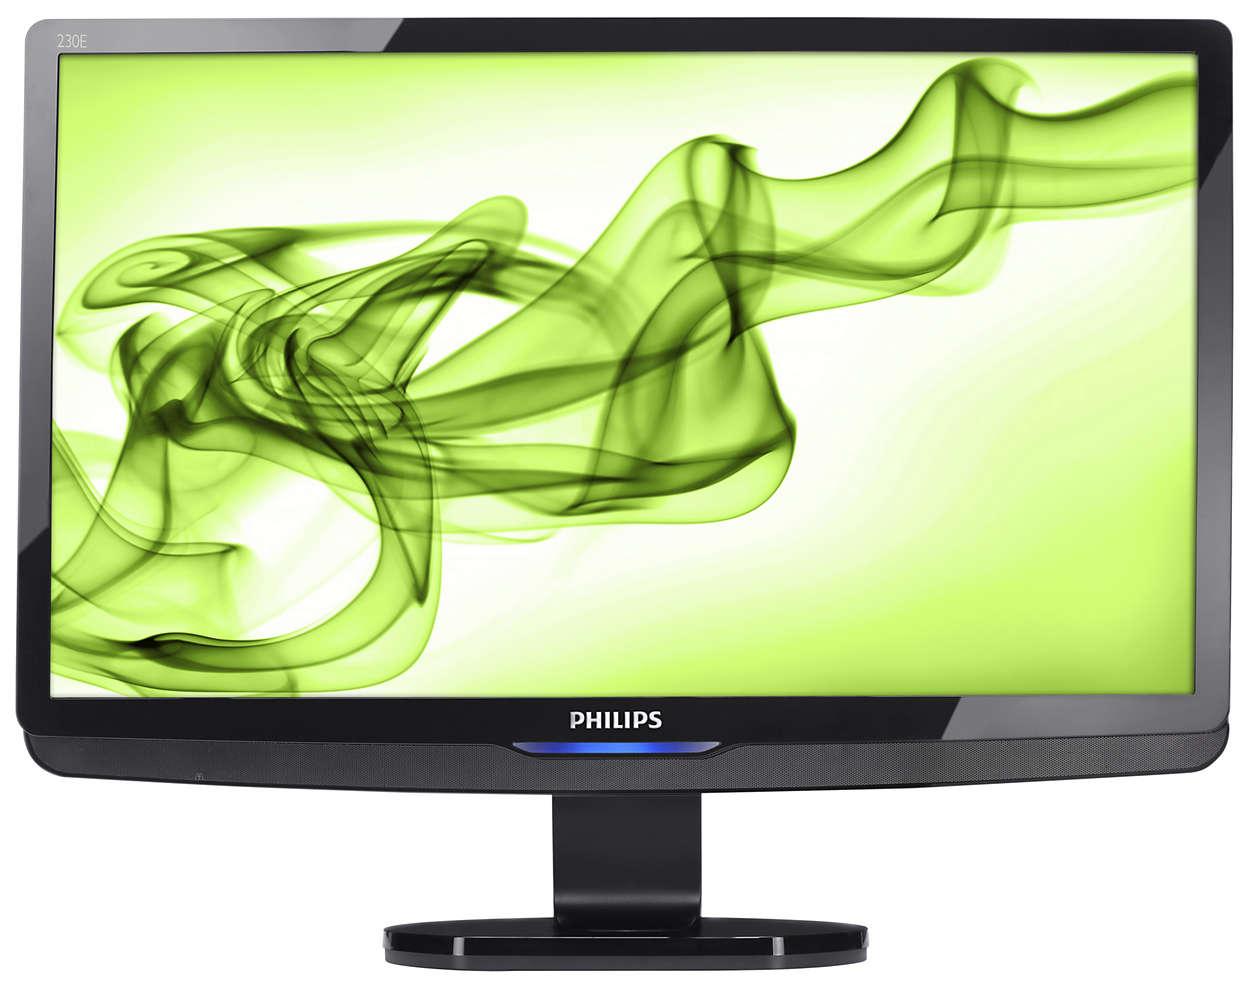 Full-HD 엔터테인먼트용 HDMI 디스플레이